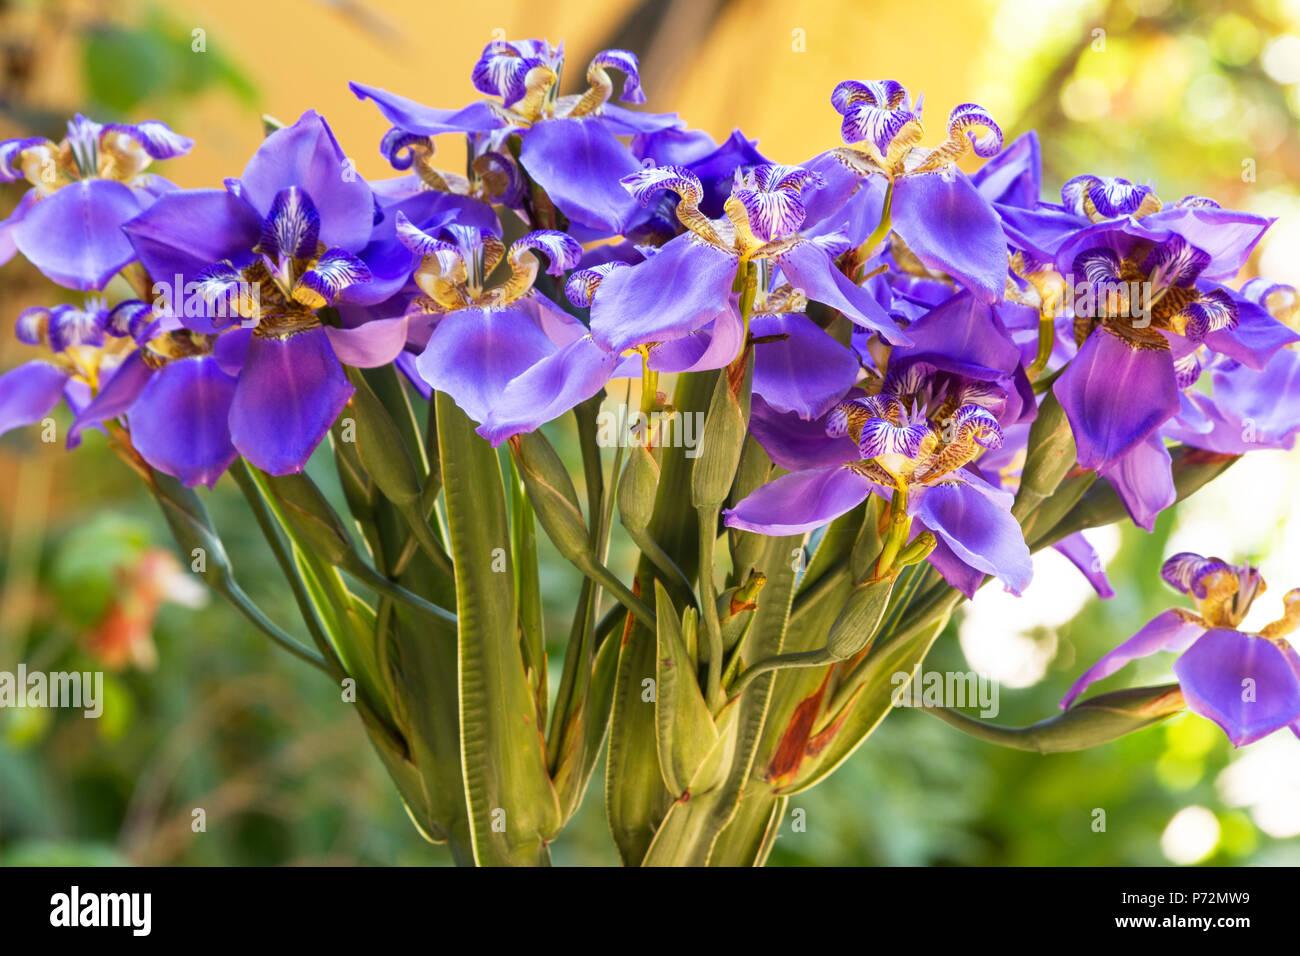 Iris Lily Stock Photos Iris Lily Stock Images Alamy